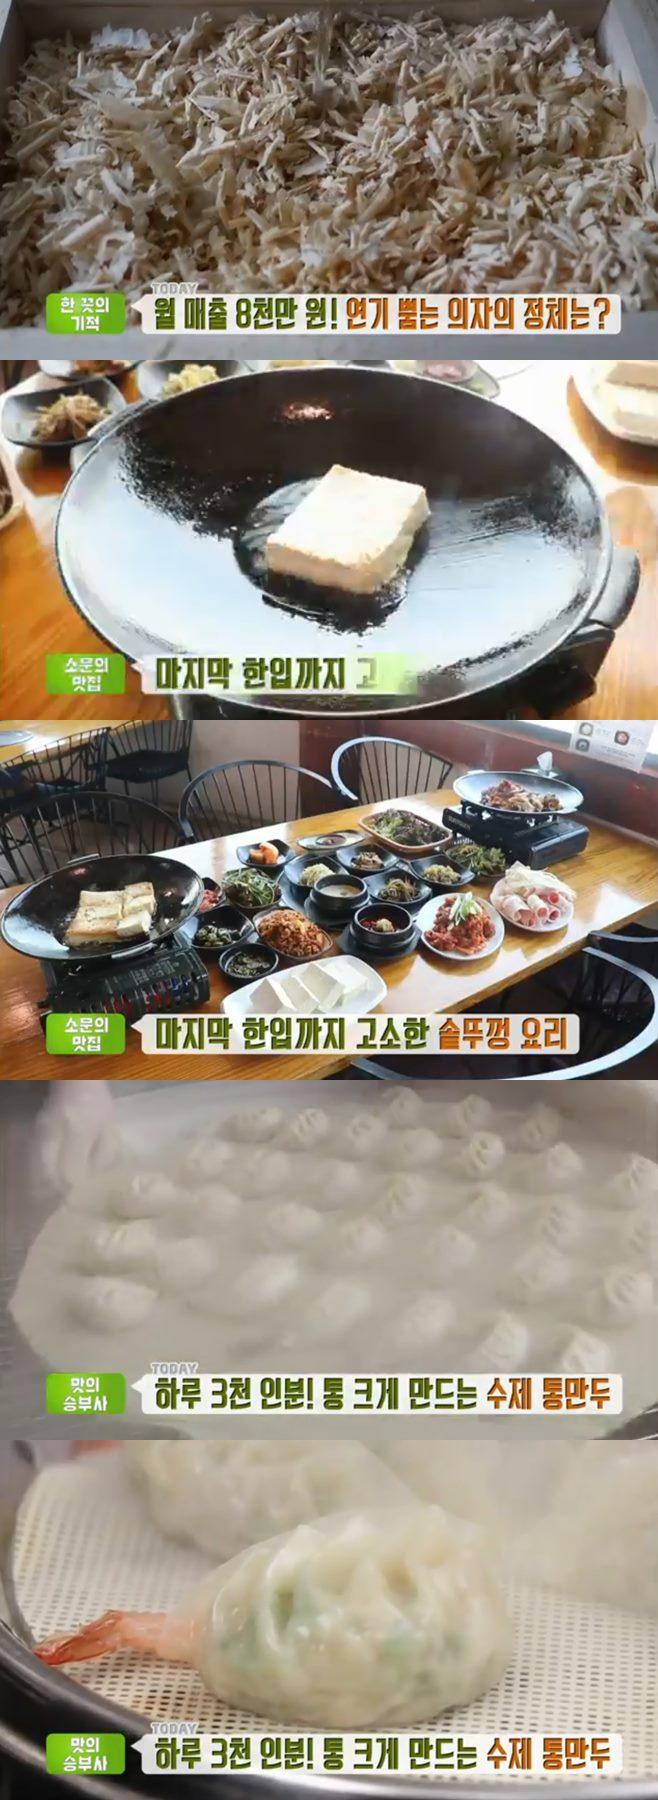 '생방송투데이' 시장즉석빵+솥뚜껑요리(연꽃언덕)+맛의승부사 수제통만두(이랑손만두) 맛집